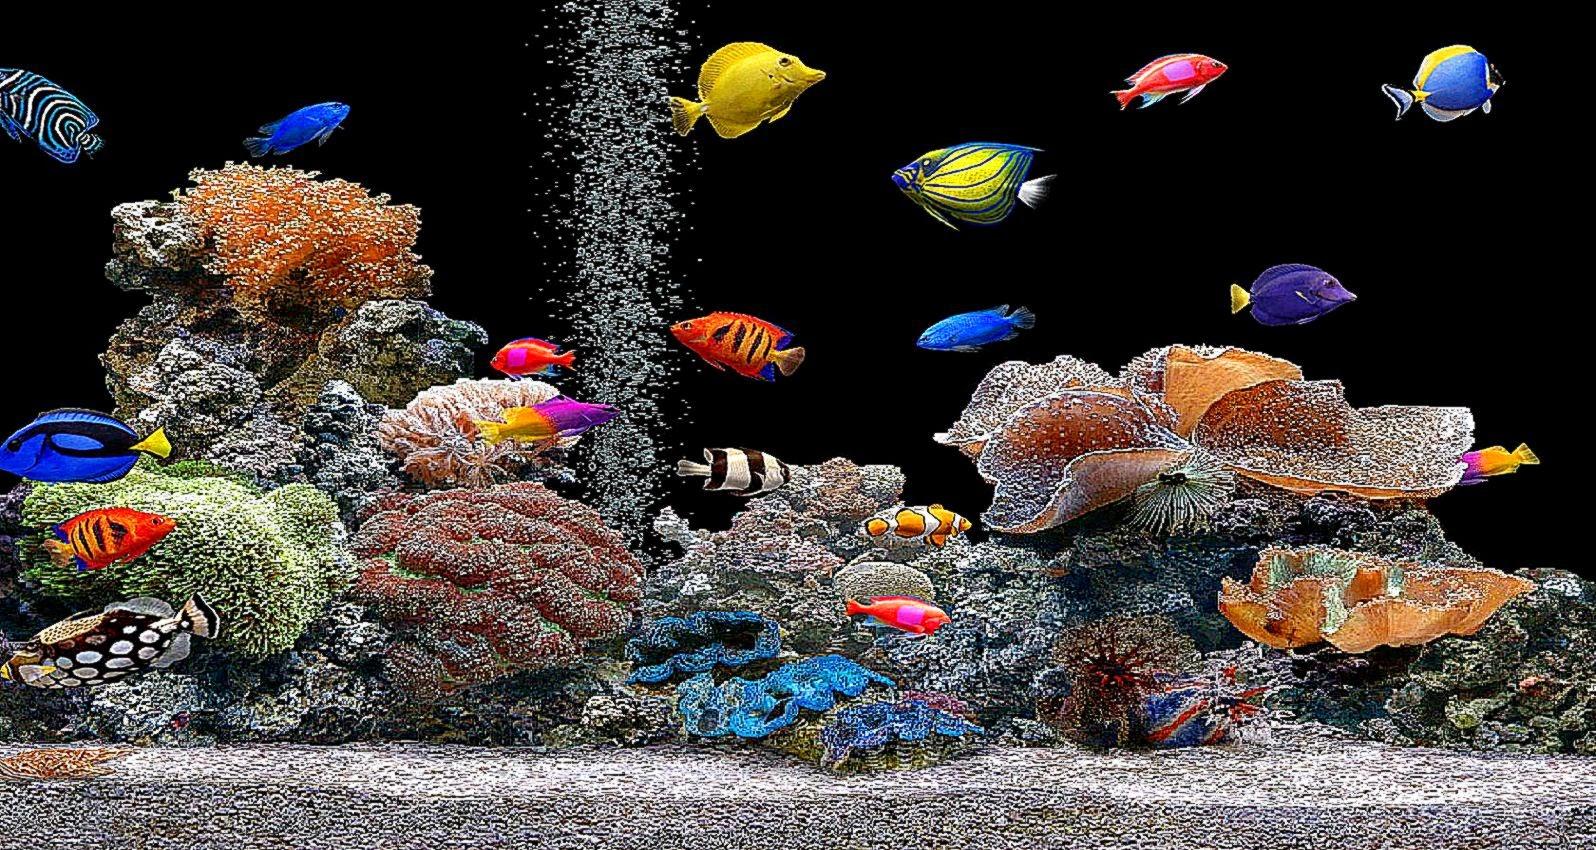 free 3d aquarium wallpaper wallpapersafari